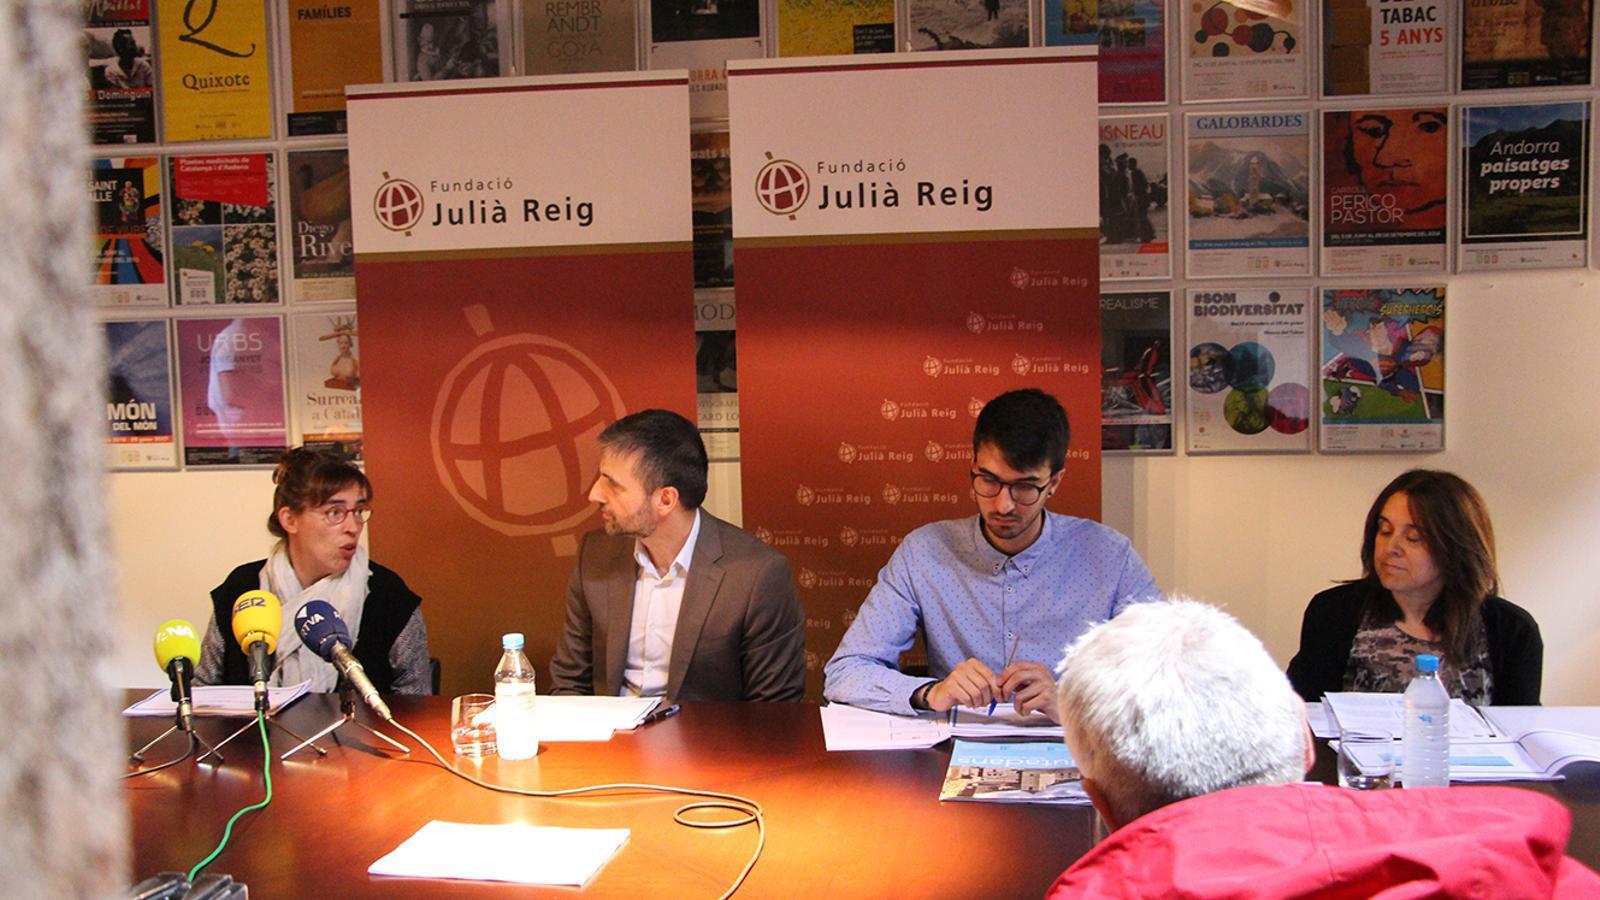 L'enquesta s'ha presentat al Museu del Tabac amb la presència de la presidenta de la Fundació Julià Reig, Deborah Ribas, i el director del CRES, Joan Micó. / M. M. (ANA)